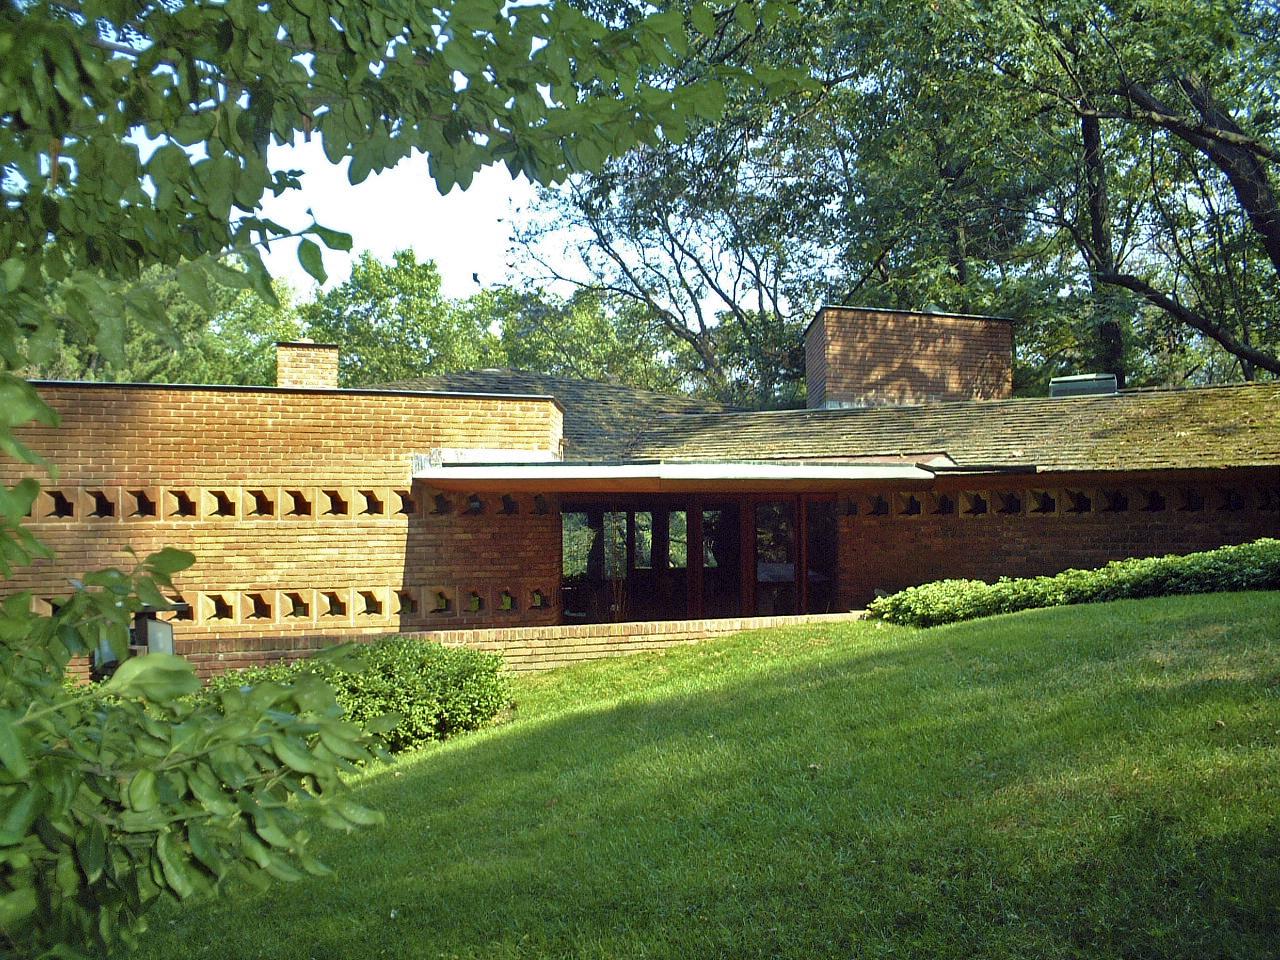 フランク・ロイド・ライト 建築家 建築 三角モジュールの家 Palmer house